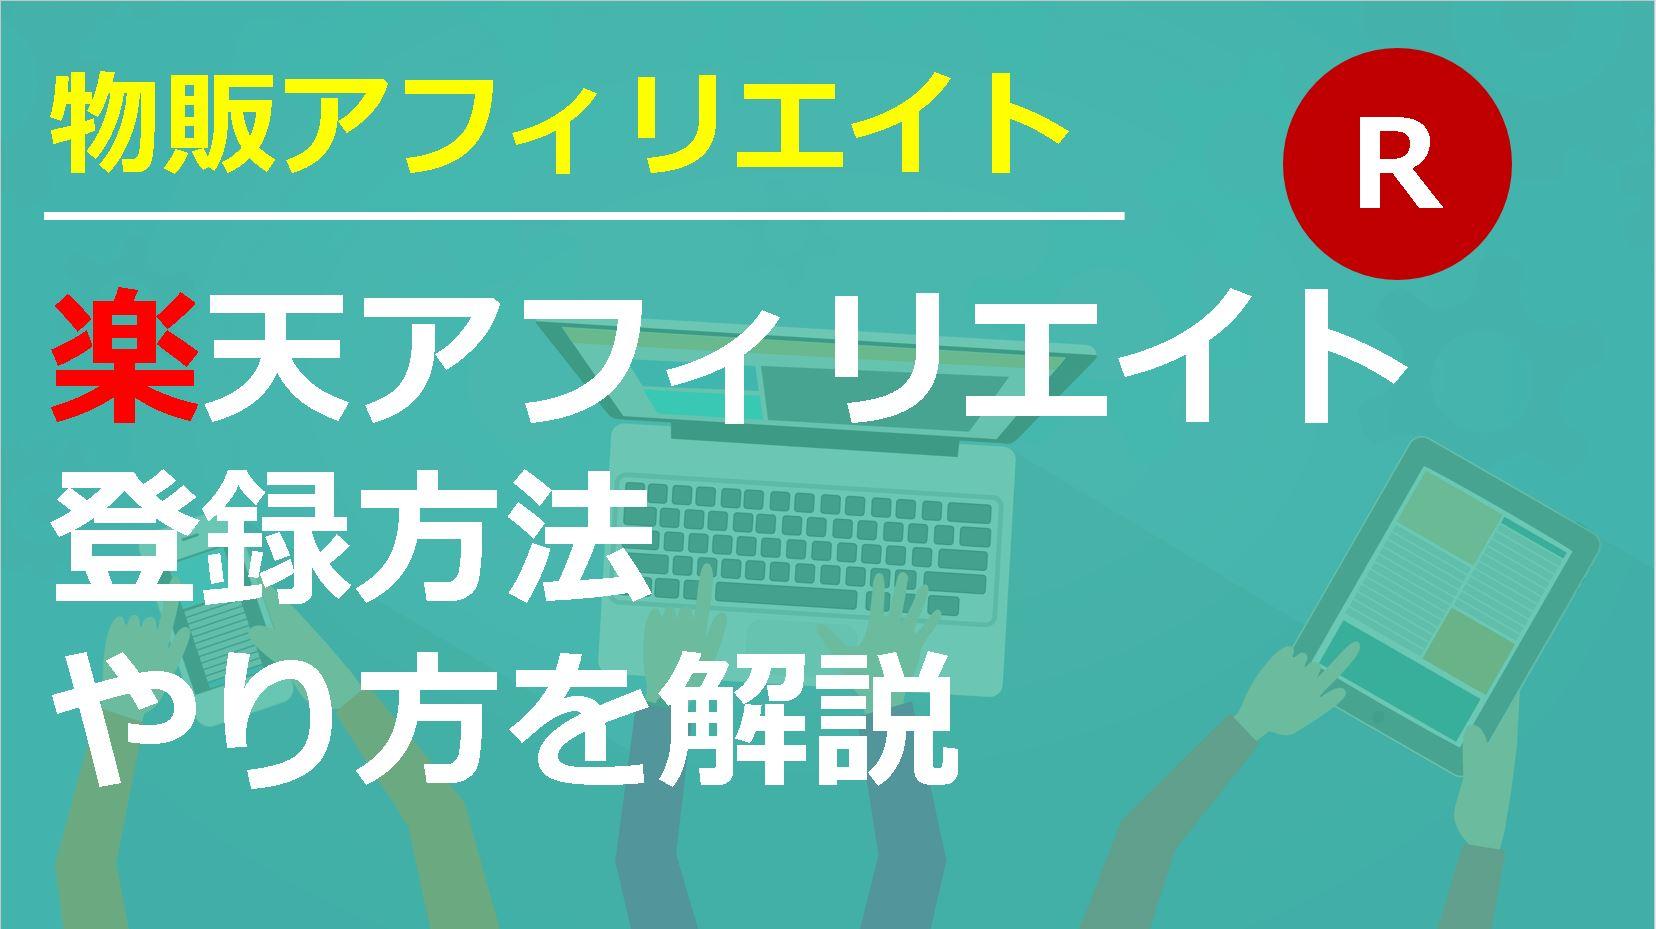 楽天 ブログ アフィリエイト